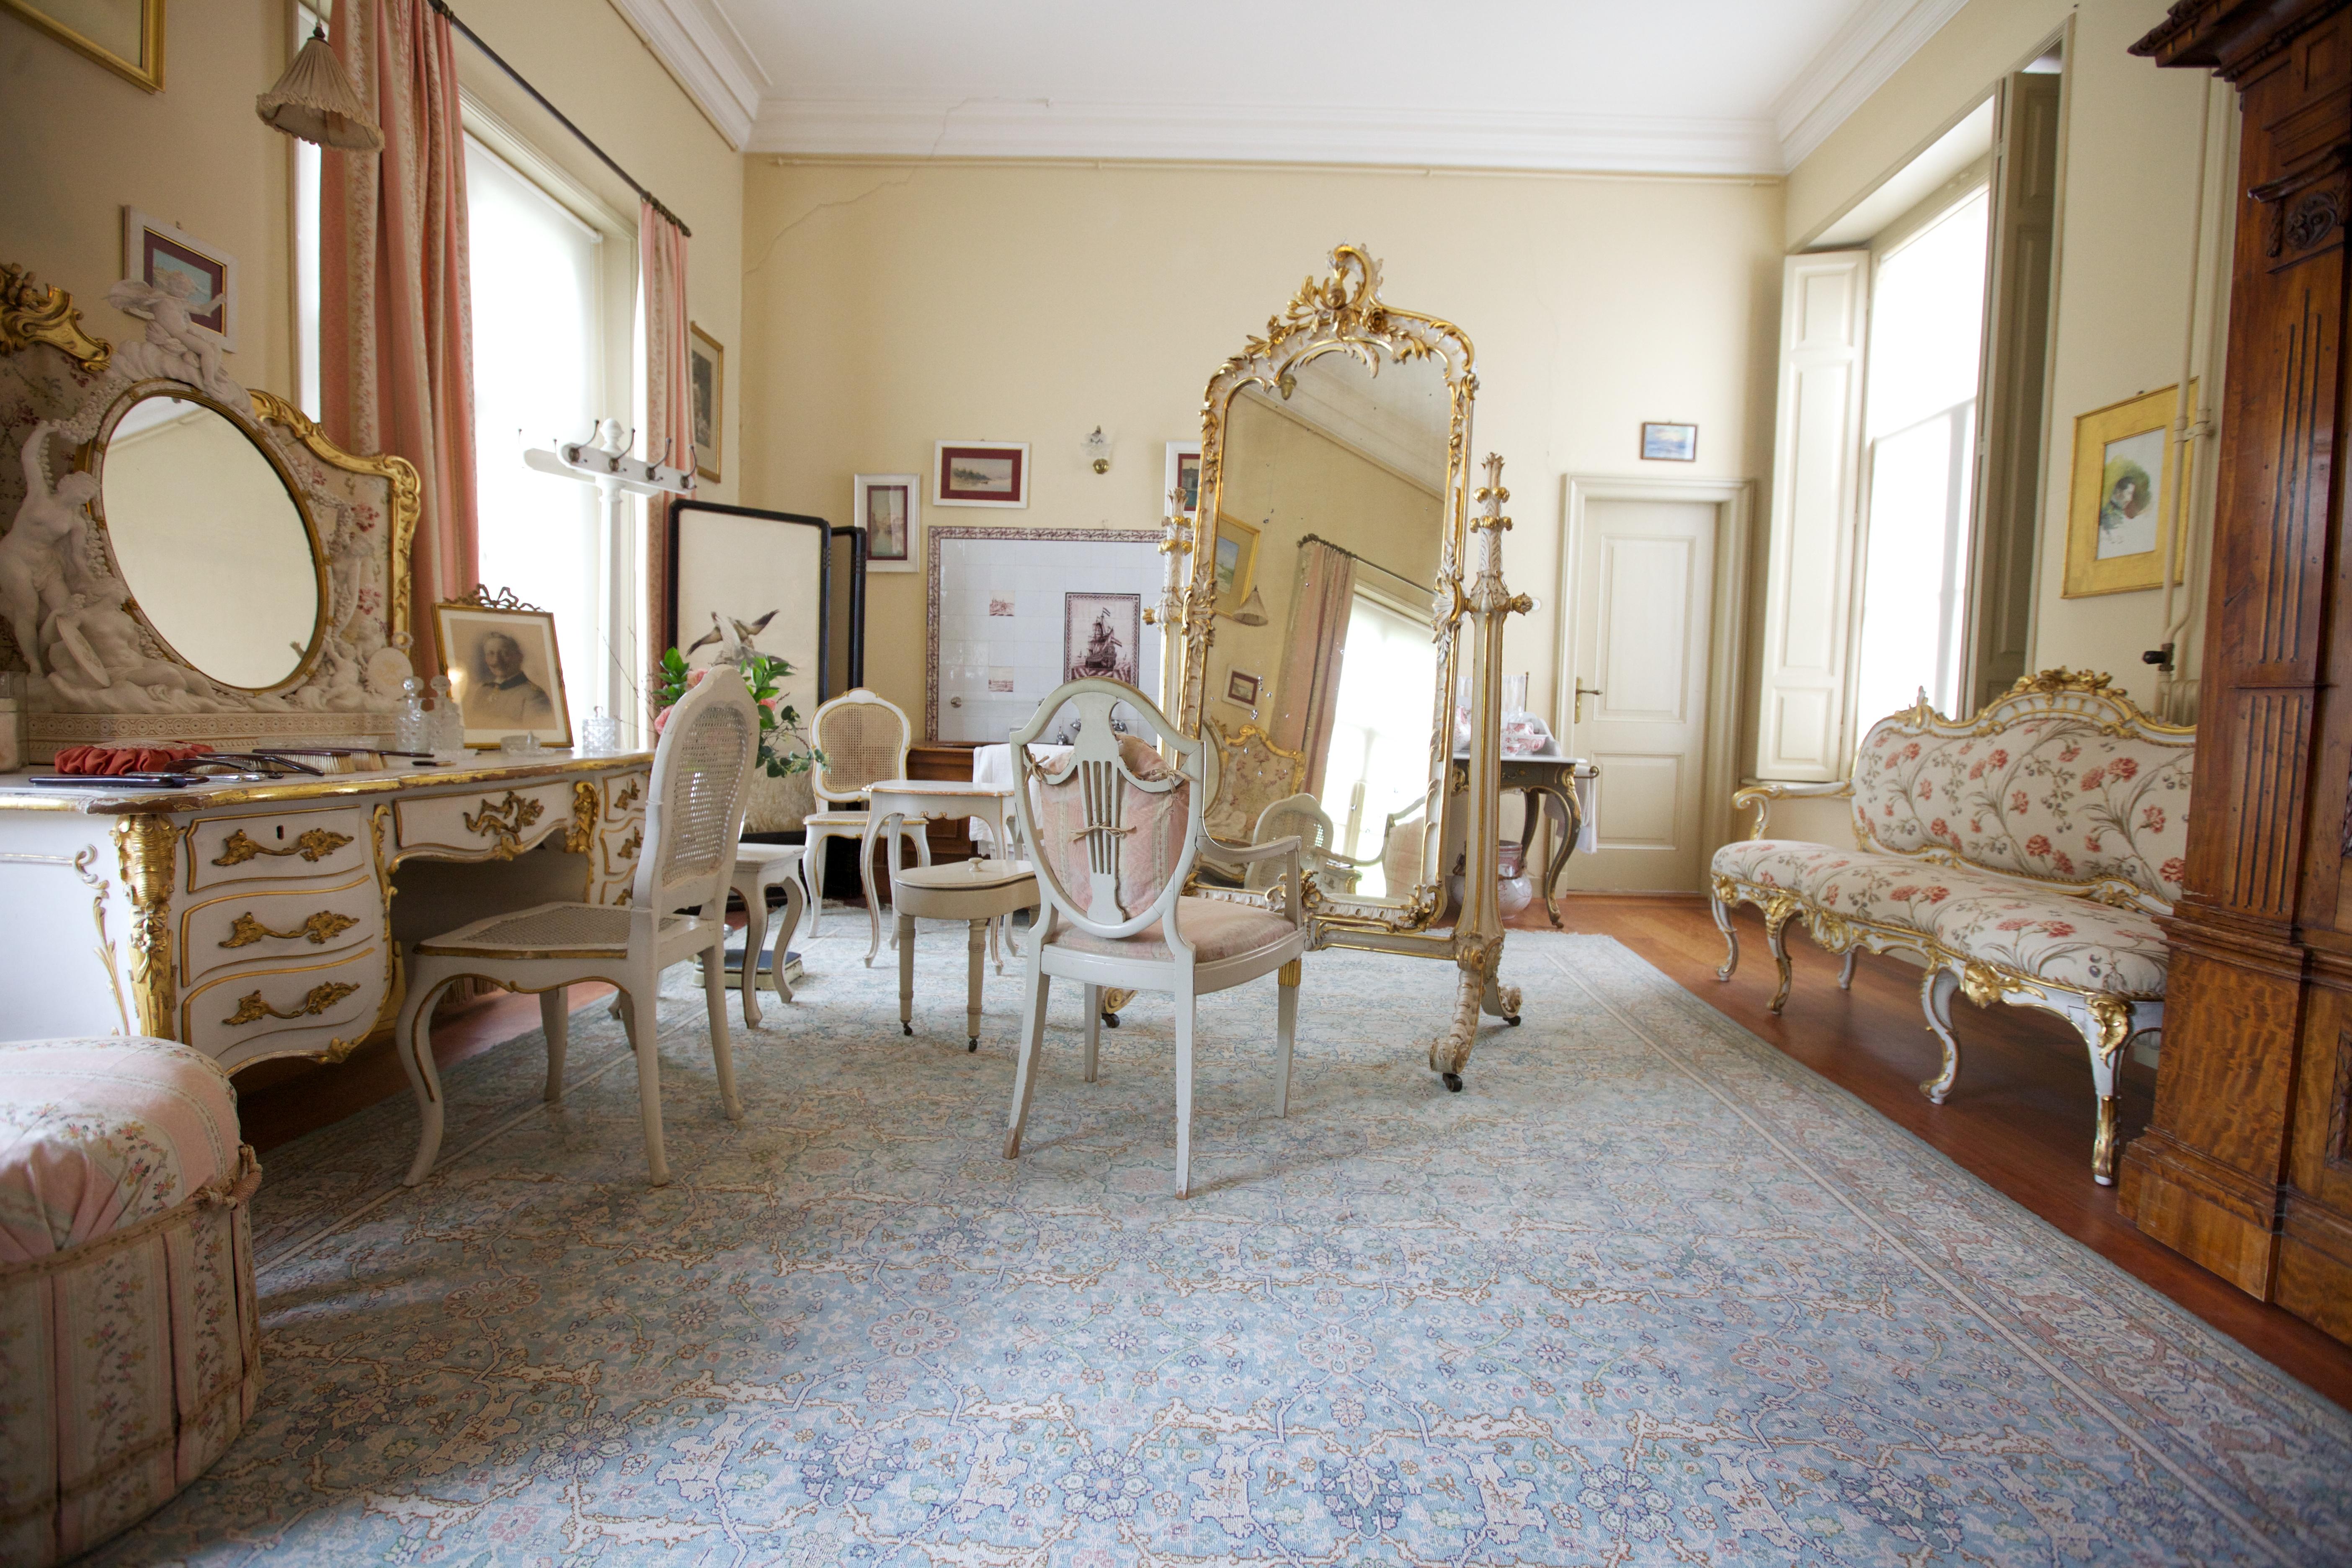 File:Badkamer vrouwenvertrek in Huis Doorn (9182249326).jpg ...